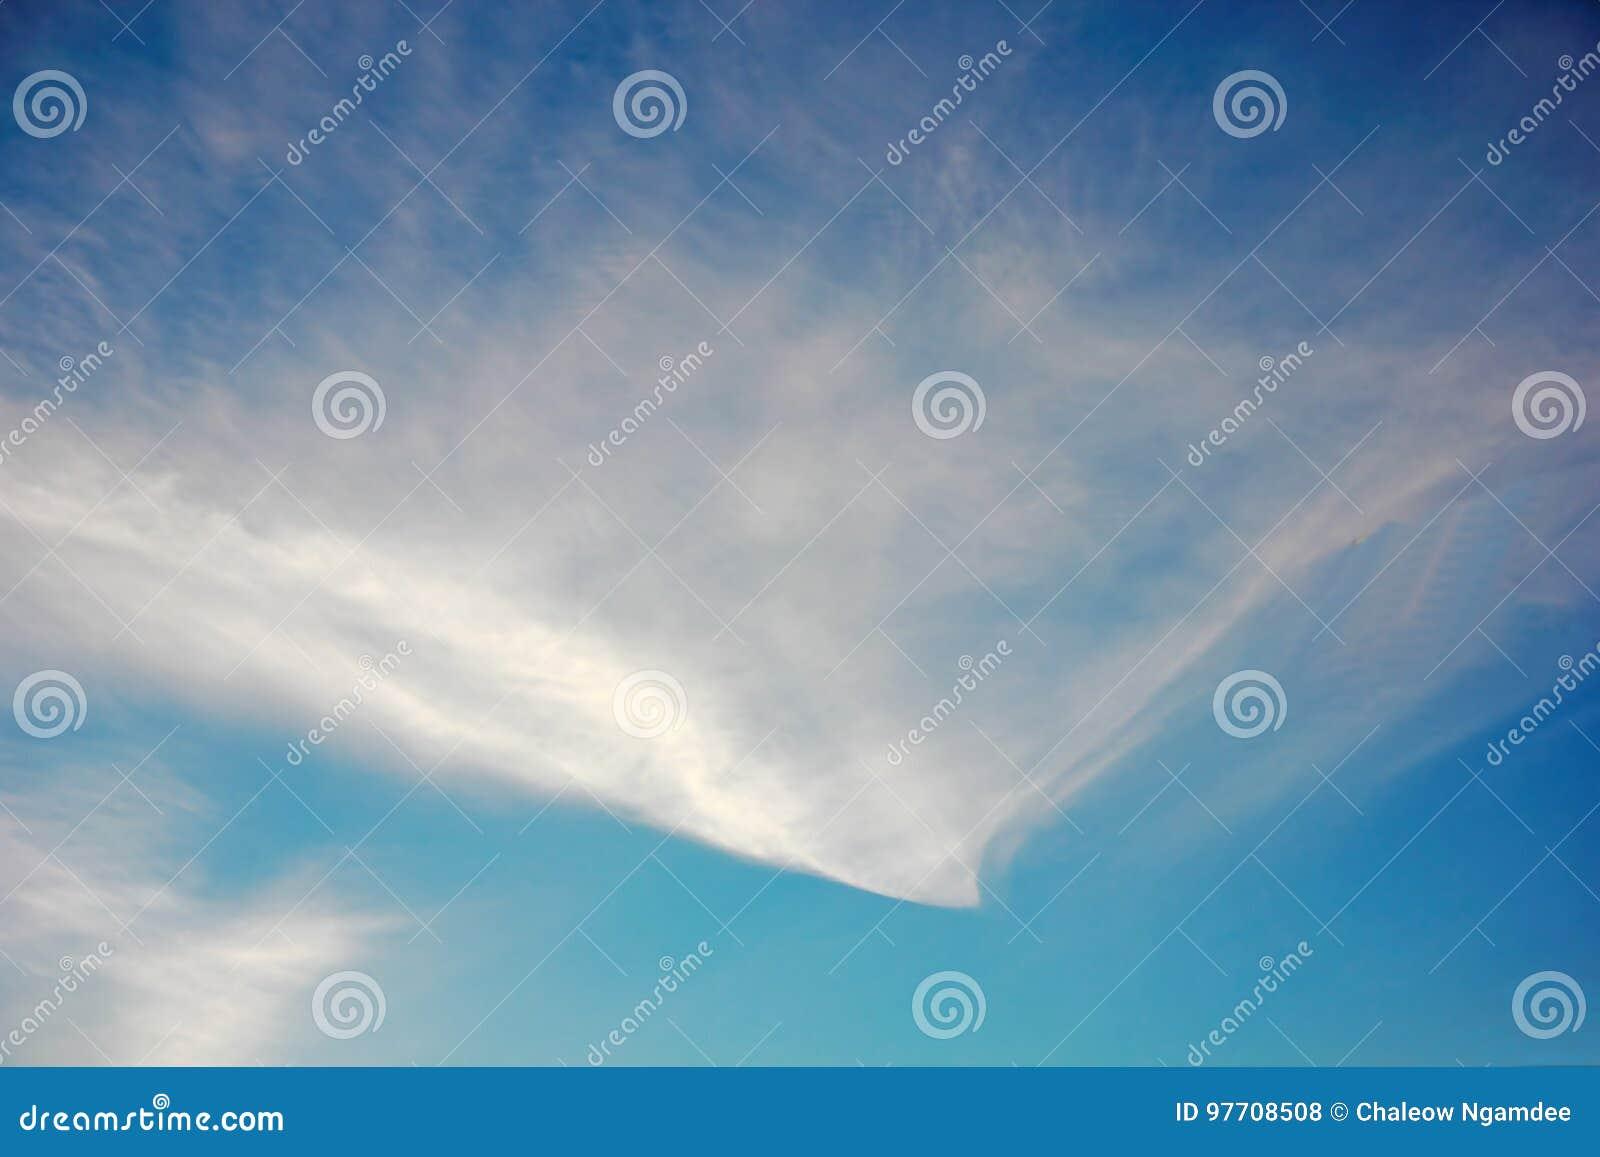 Nuvens de cirro contra a obscuridade - céu azul Para um fundo